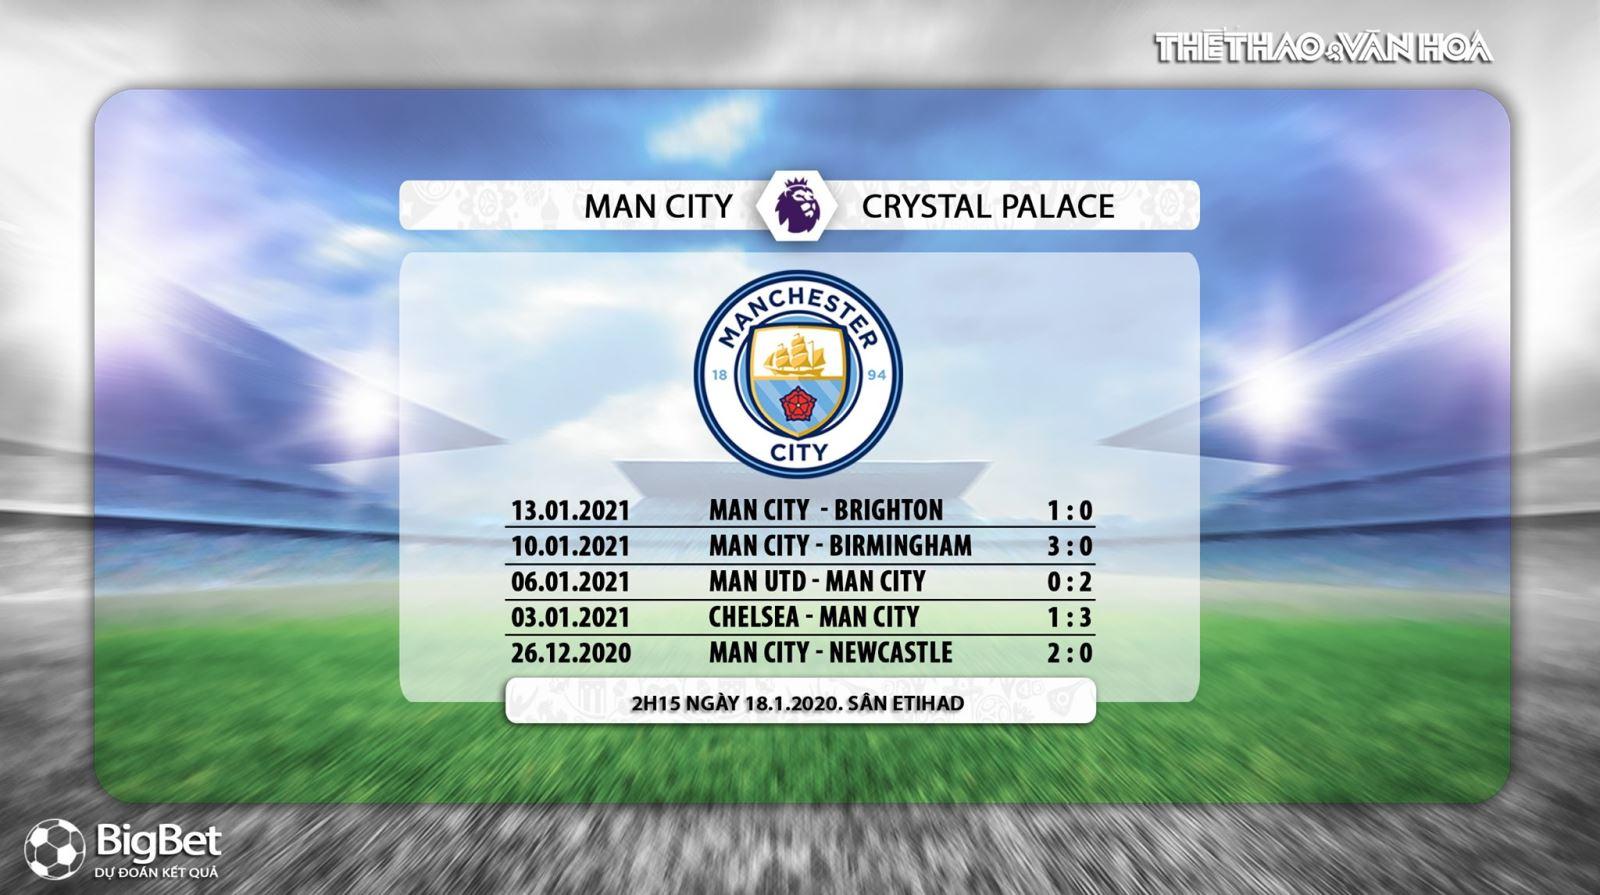 Keo nha cai, Kèo nhà cái, Man City Crystal Palace, K+, K+PM trực tiếp bóng đá Anh, Xem Man City, Vòng 19 giải Ngoại hạng Anh, Trực tiếp K+PM, Trực tiếp bóng đá, BXH Anh